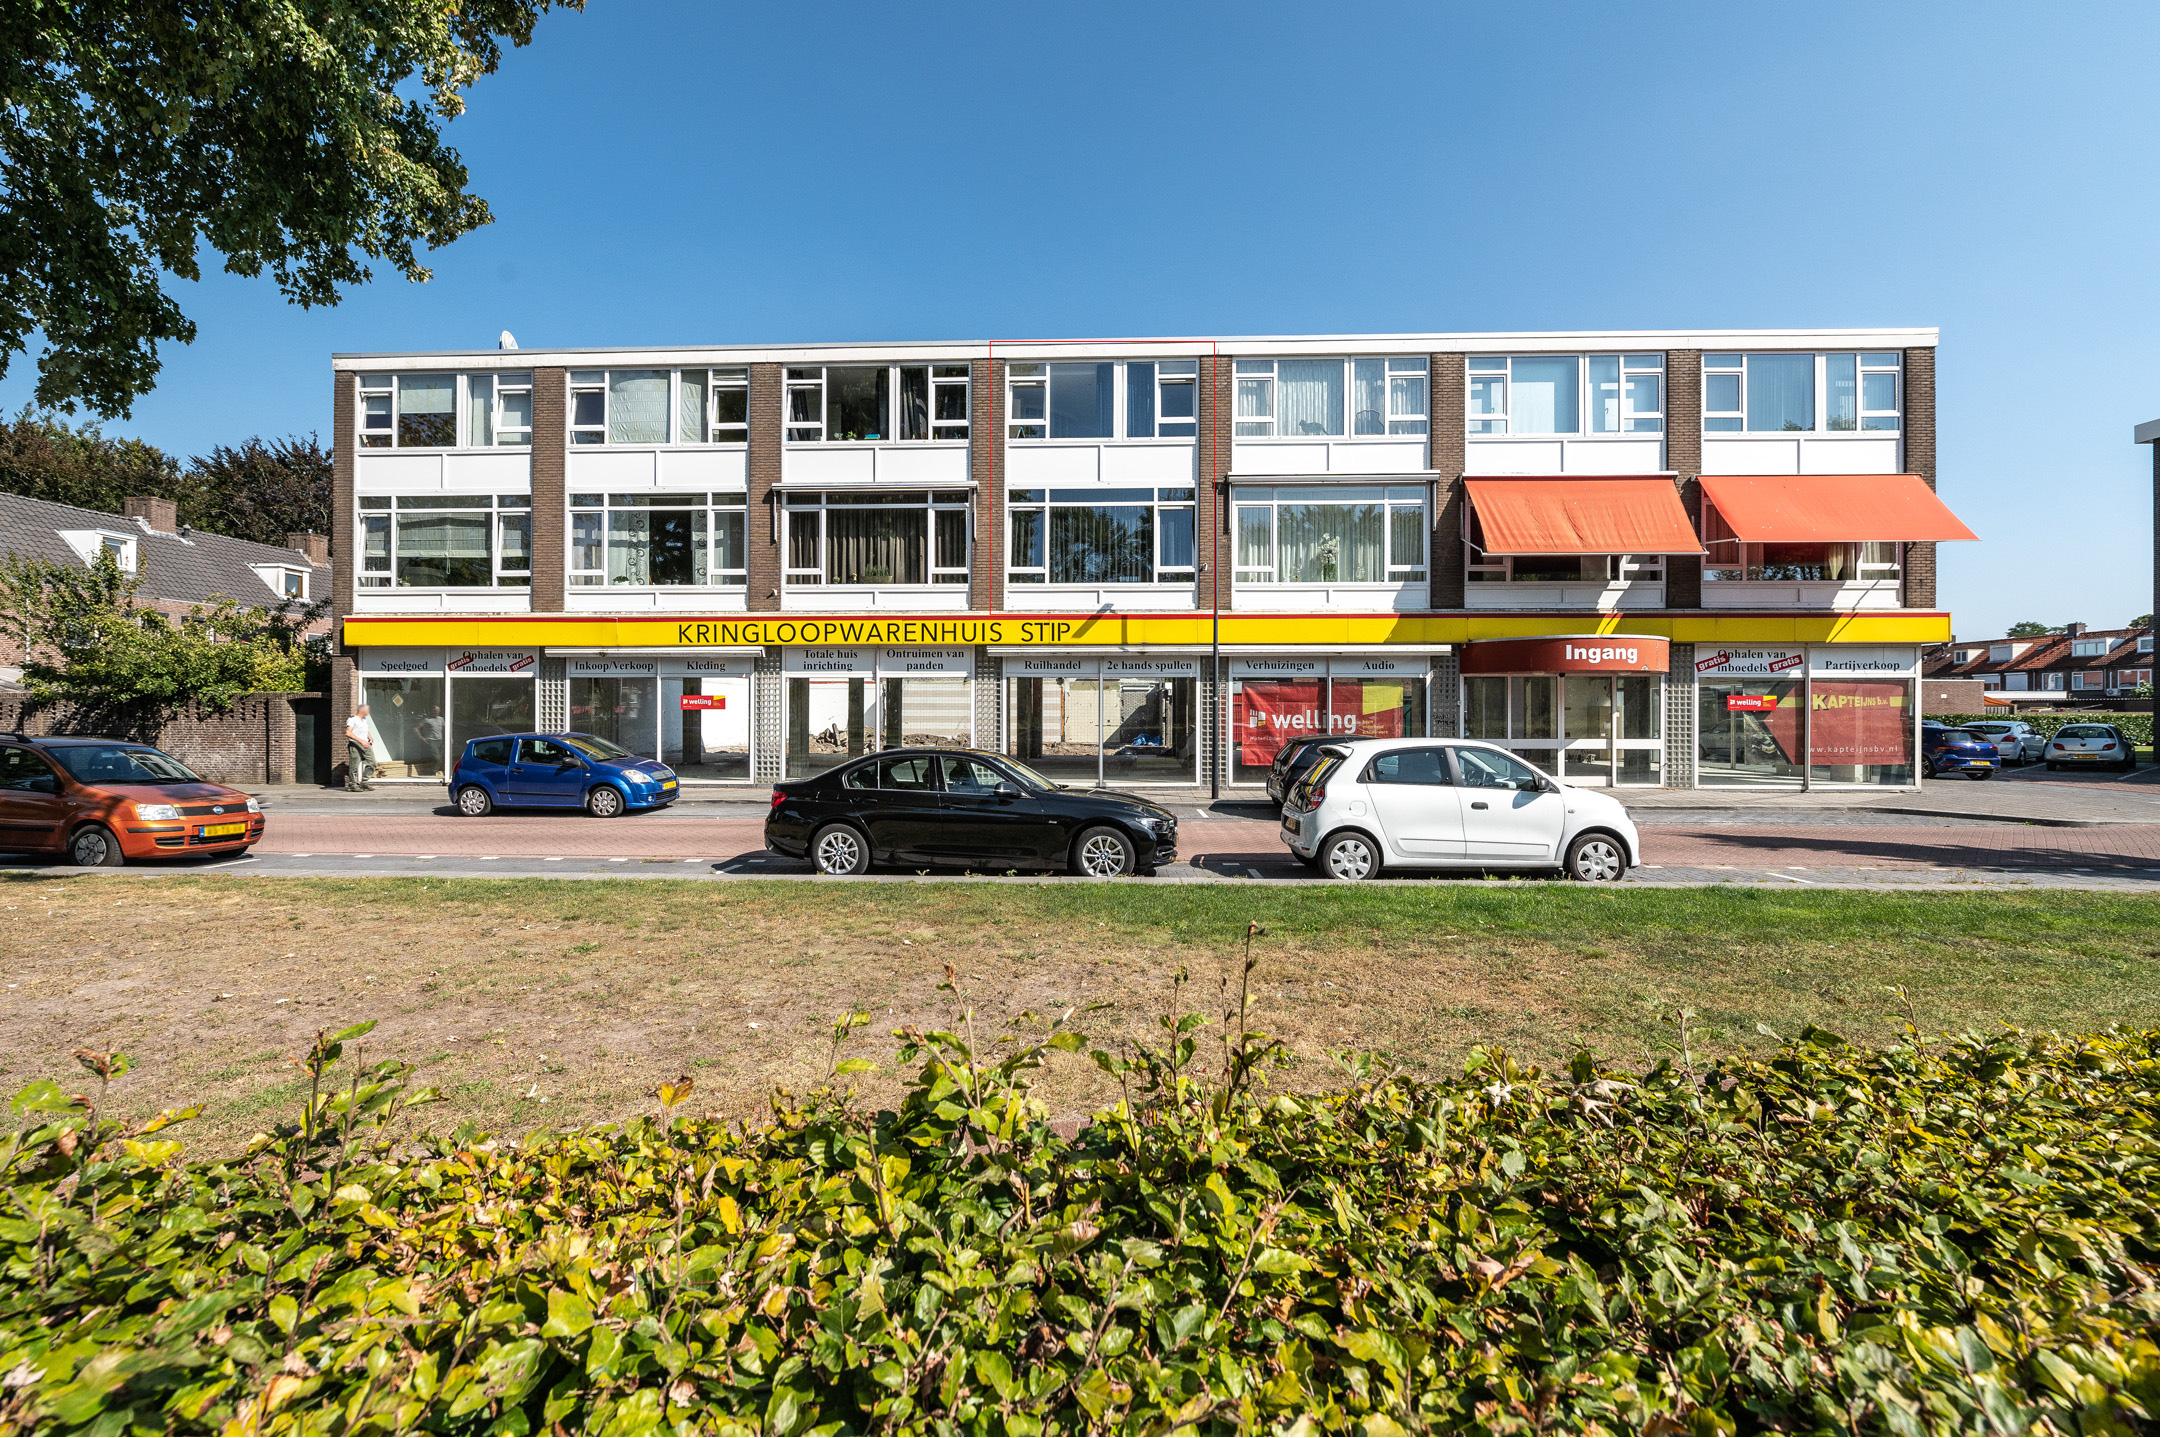 Sint Maartenstraat 24, 4902XN, Oosterhout